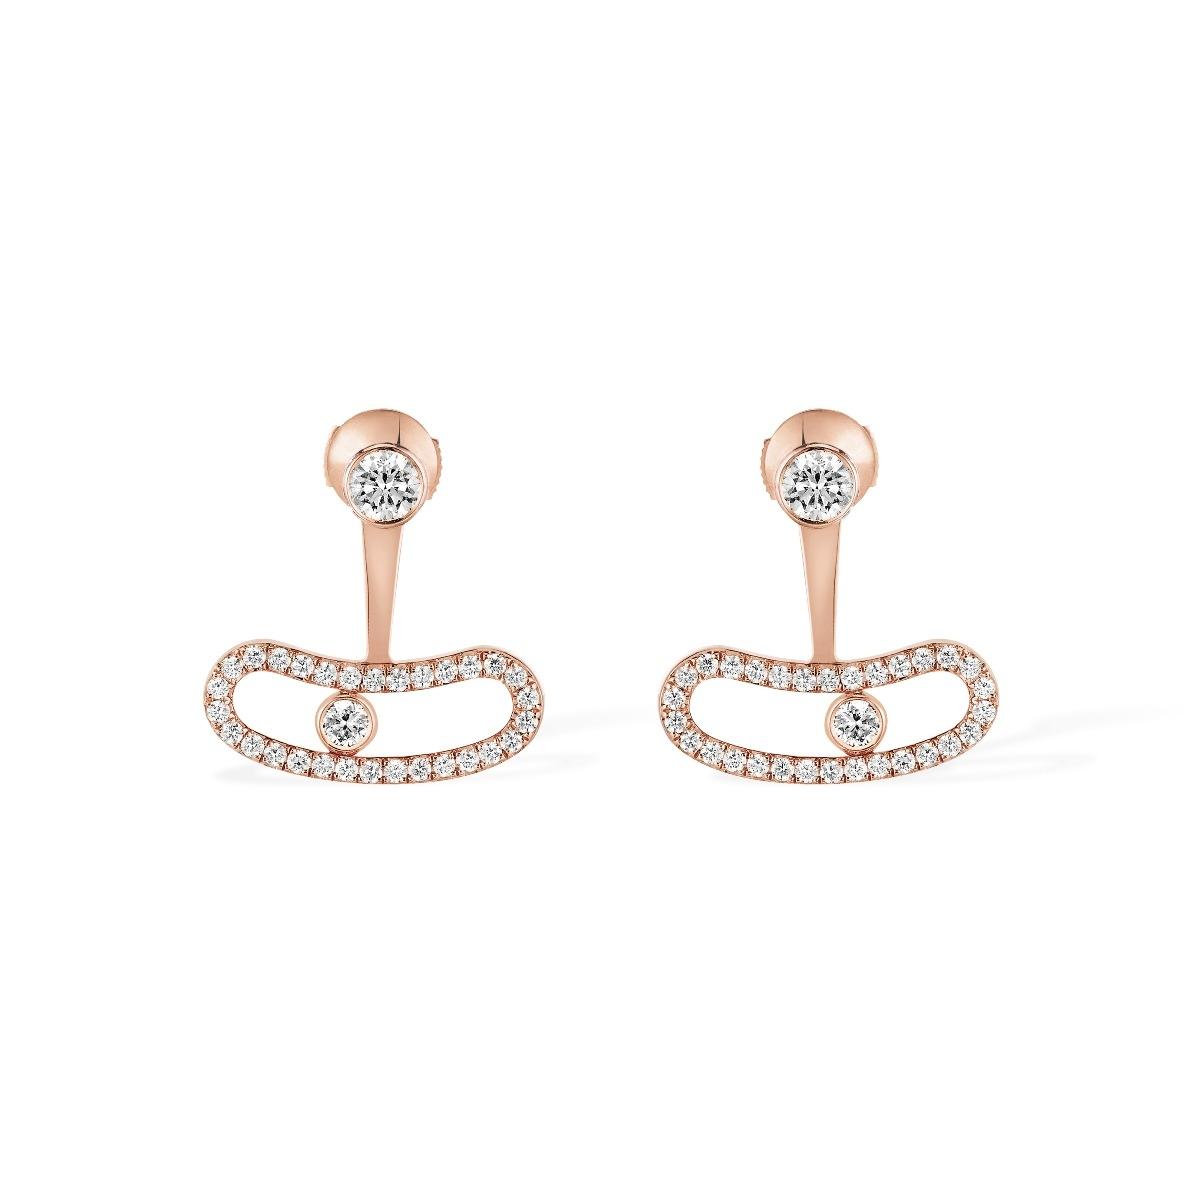 Move Uno Below The Lobe earrings